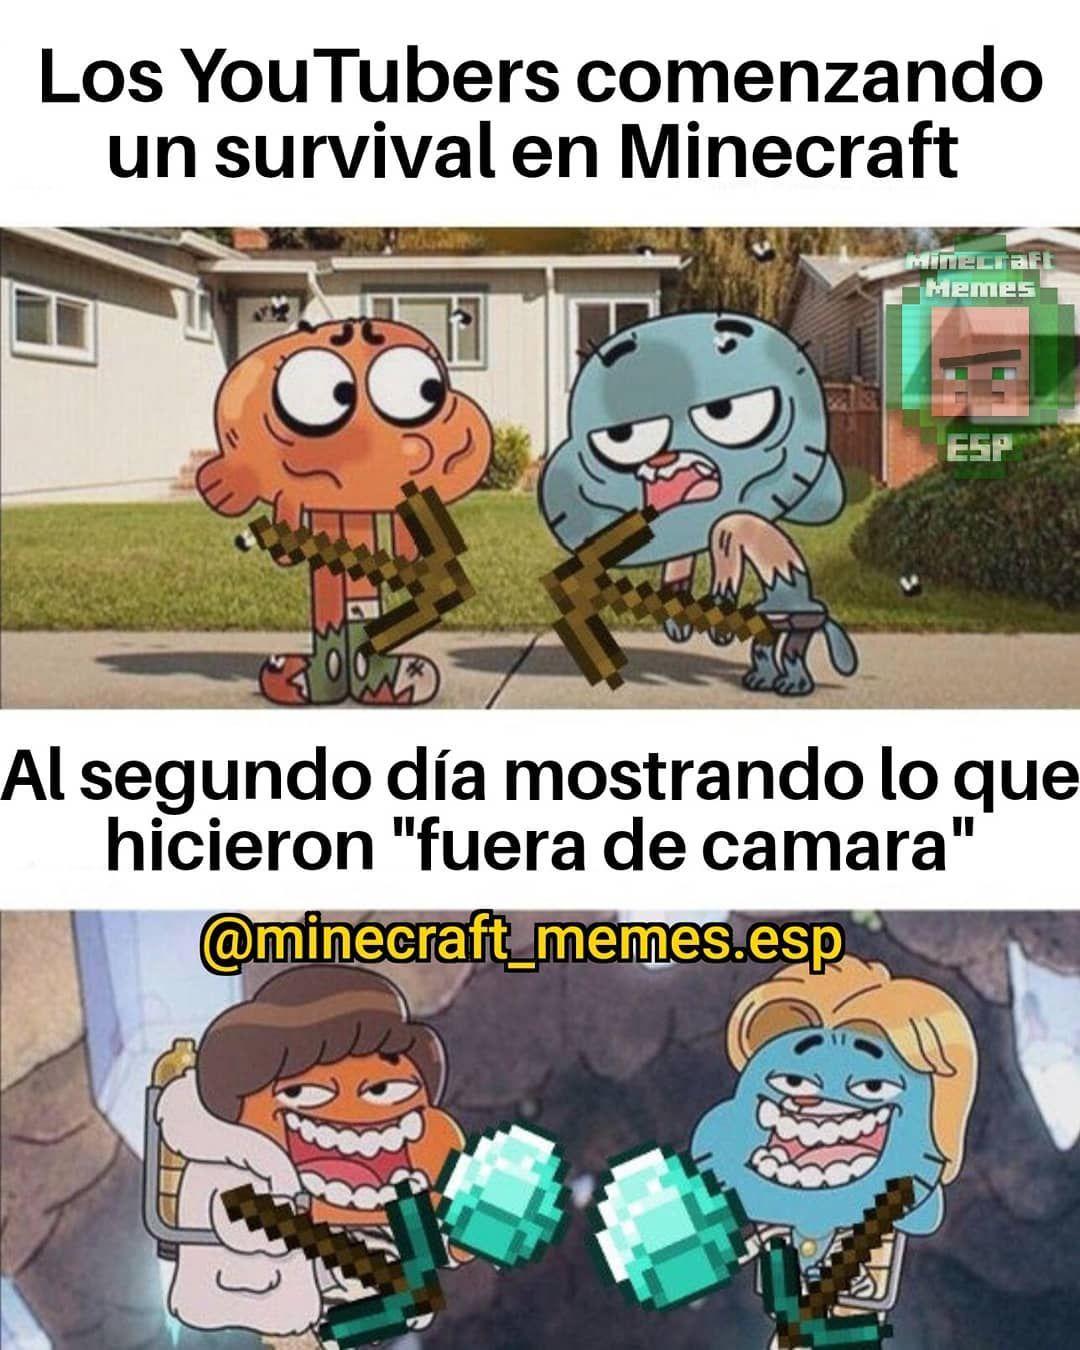 Memes De Minecraft En Espanol En Instagram Nuevos Memes Todos Los Dias En Minecraft Memes Esp Minecraft Gracioso Chistes De Minecraft Memes De Minecraft